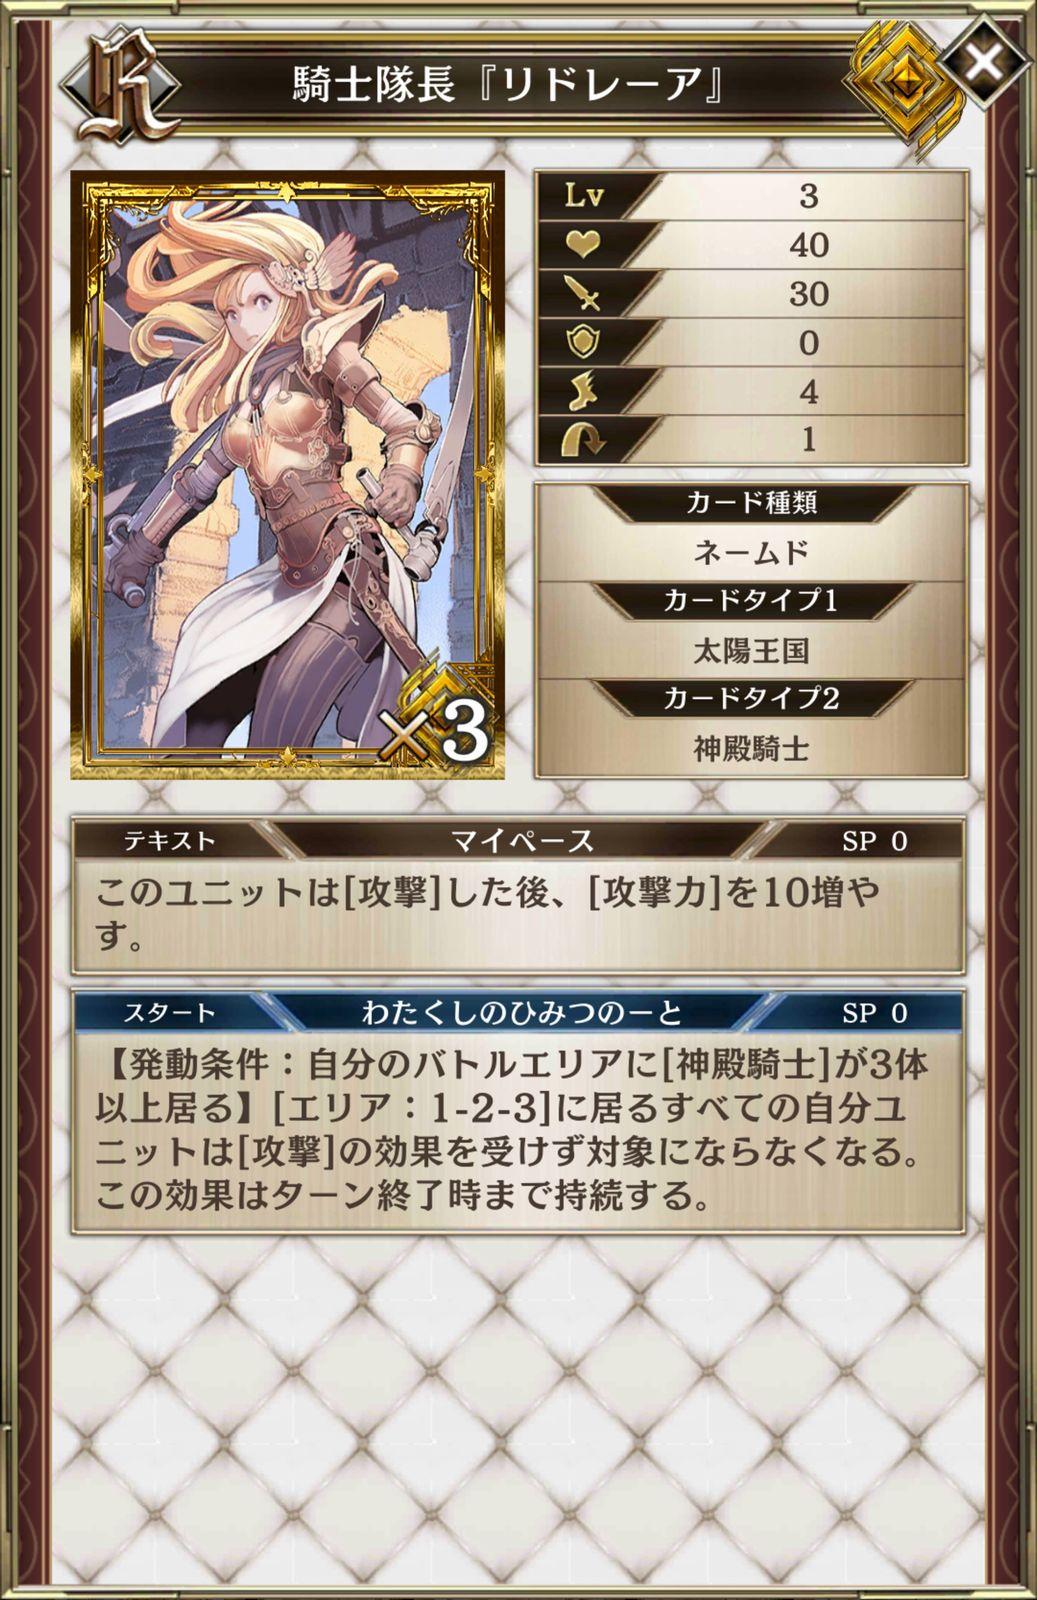 アルネオ【攻略】: 神殿騎士が台風の目に!?「聖域攻防戦」注目カード先取り情報!